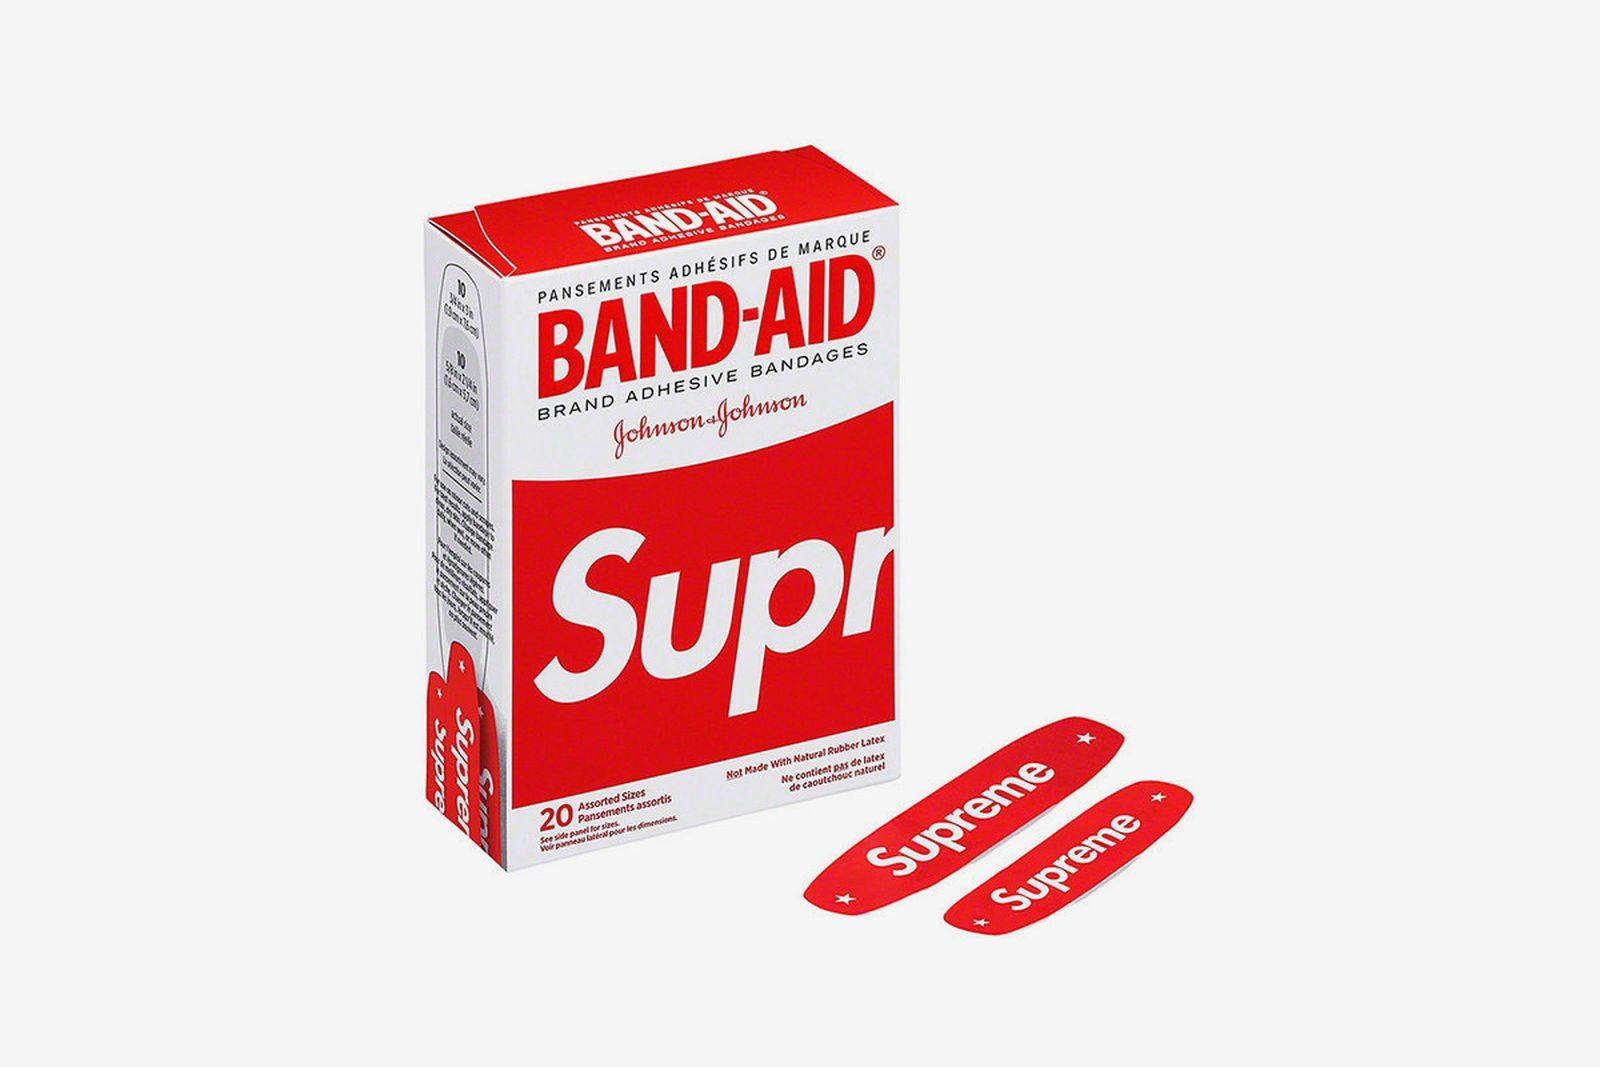 supreme ss19 accessories Supreme Accessories